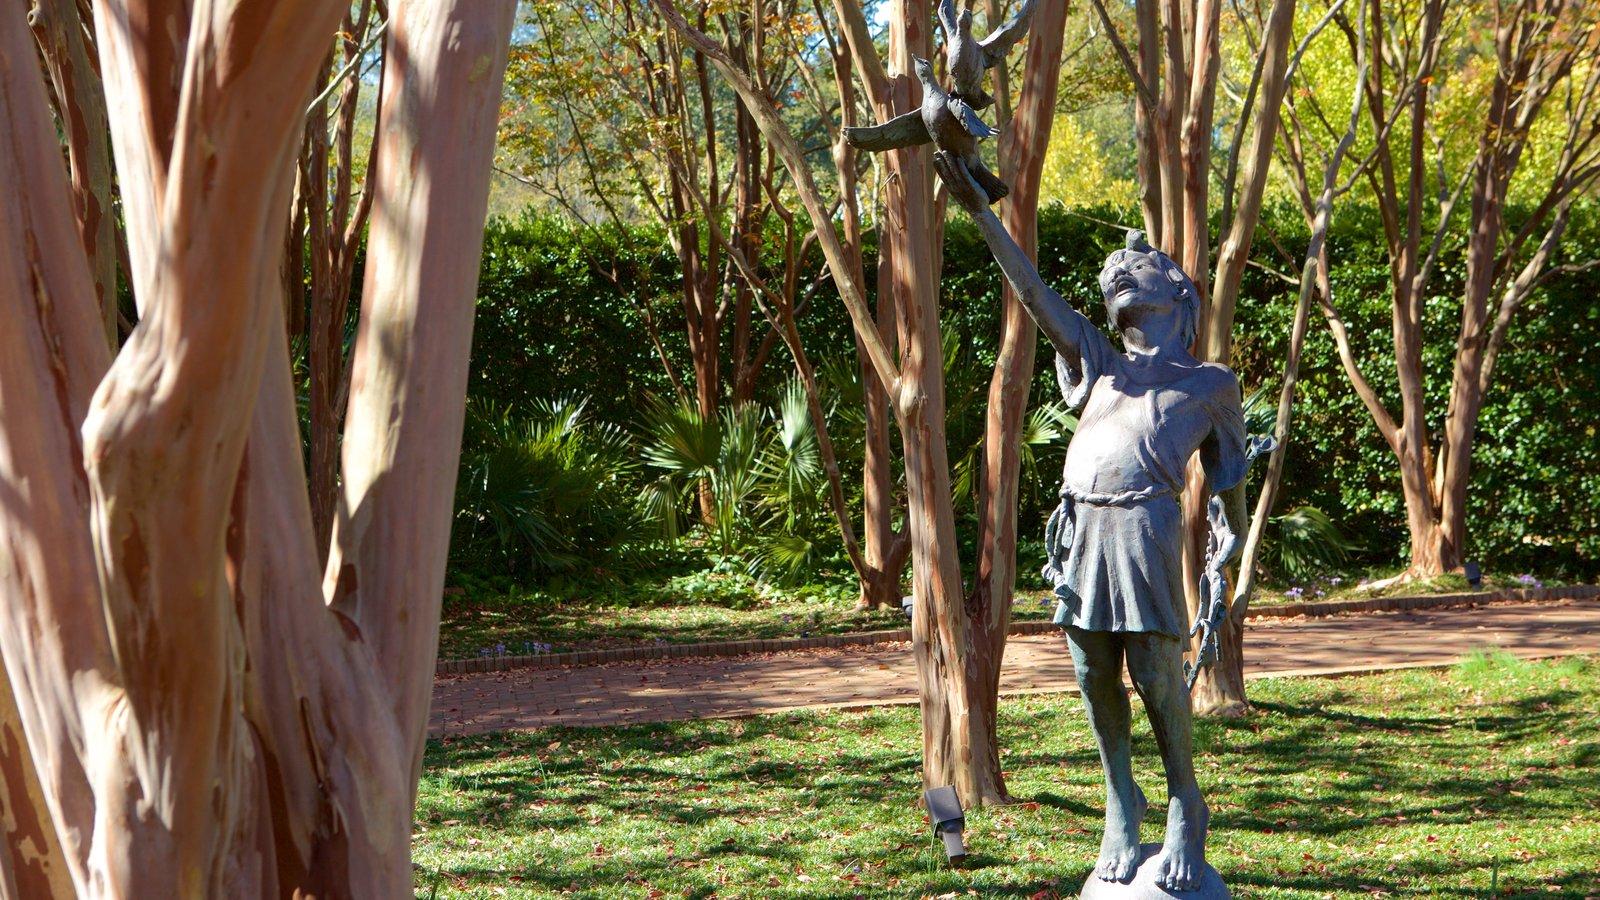 Garden: Daniel Stowe Botanical Garden